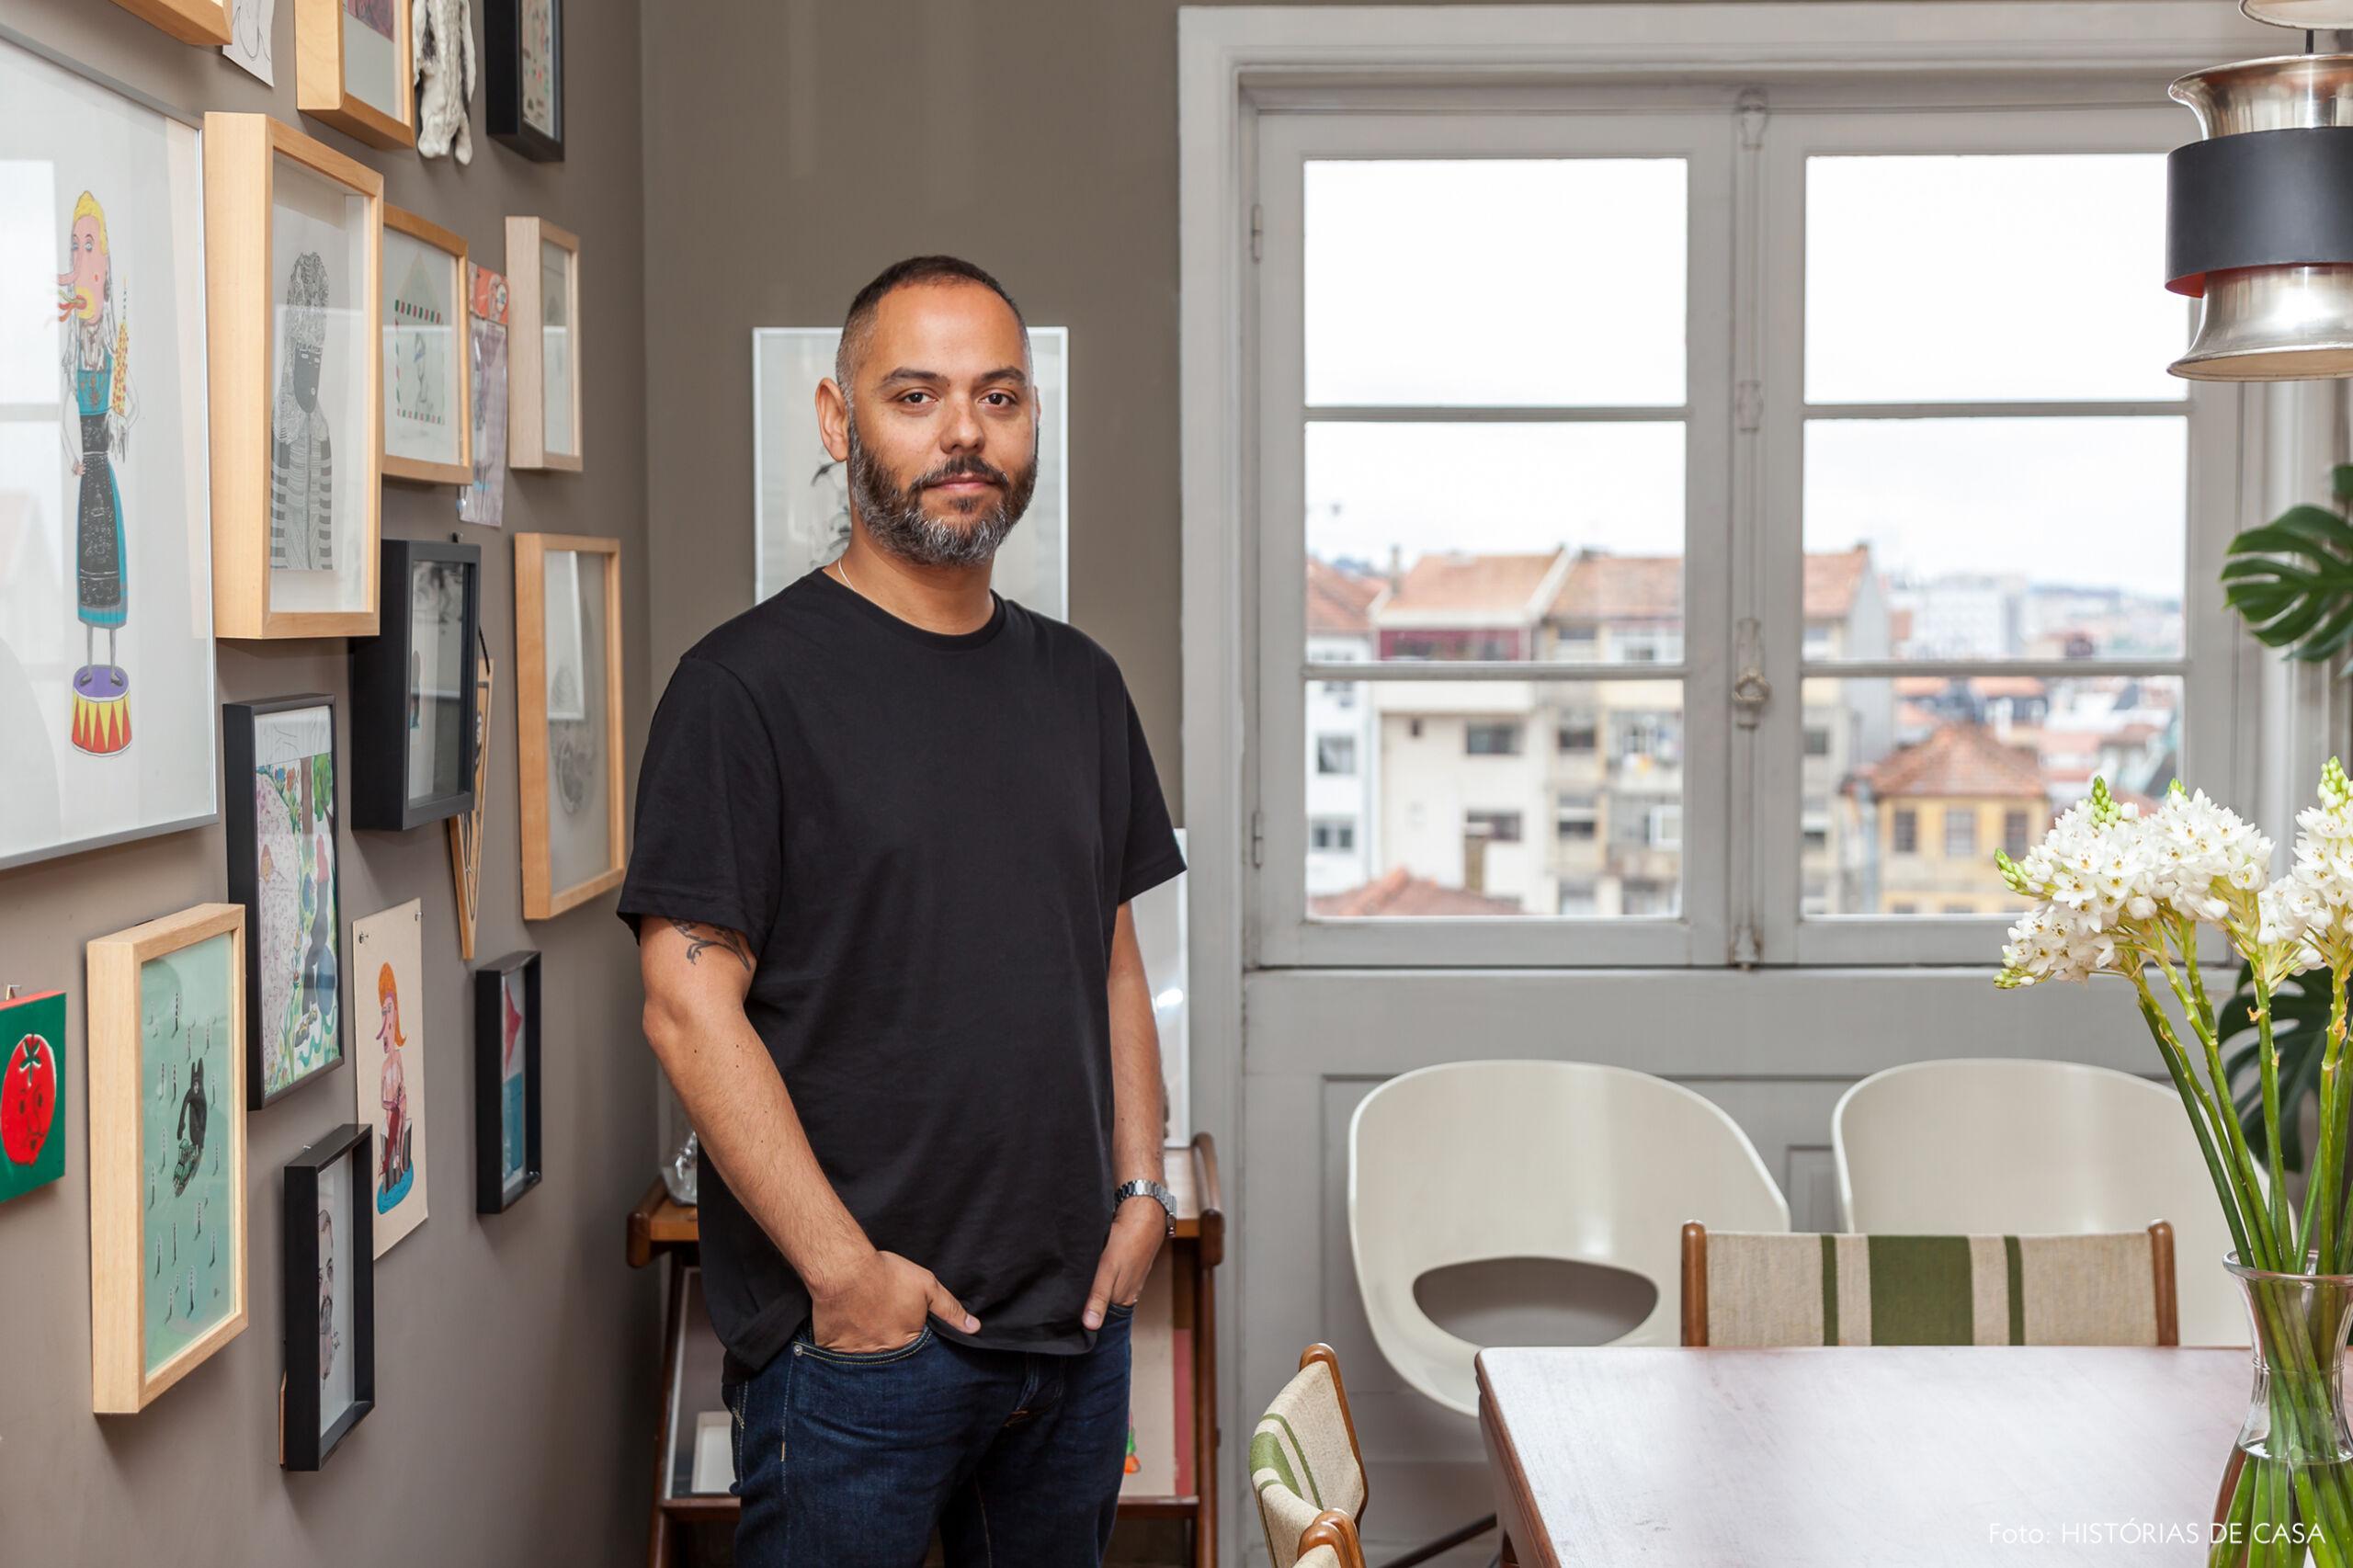 Sala de jantar no apartamento do artista Julio Dolbeth